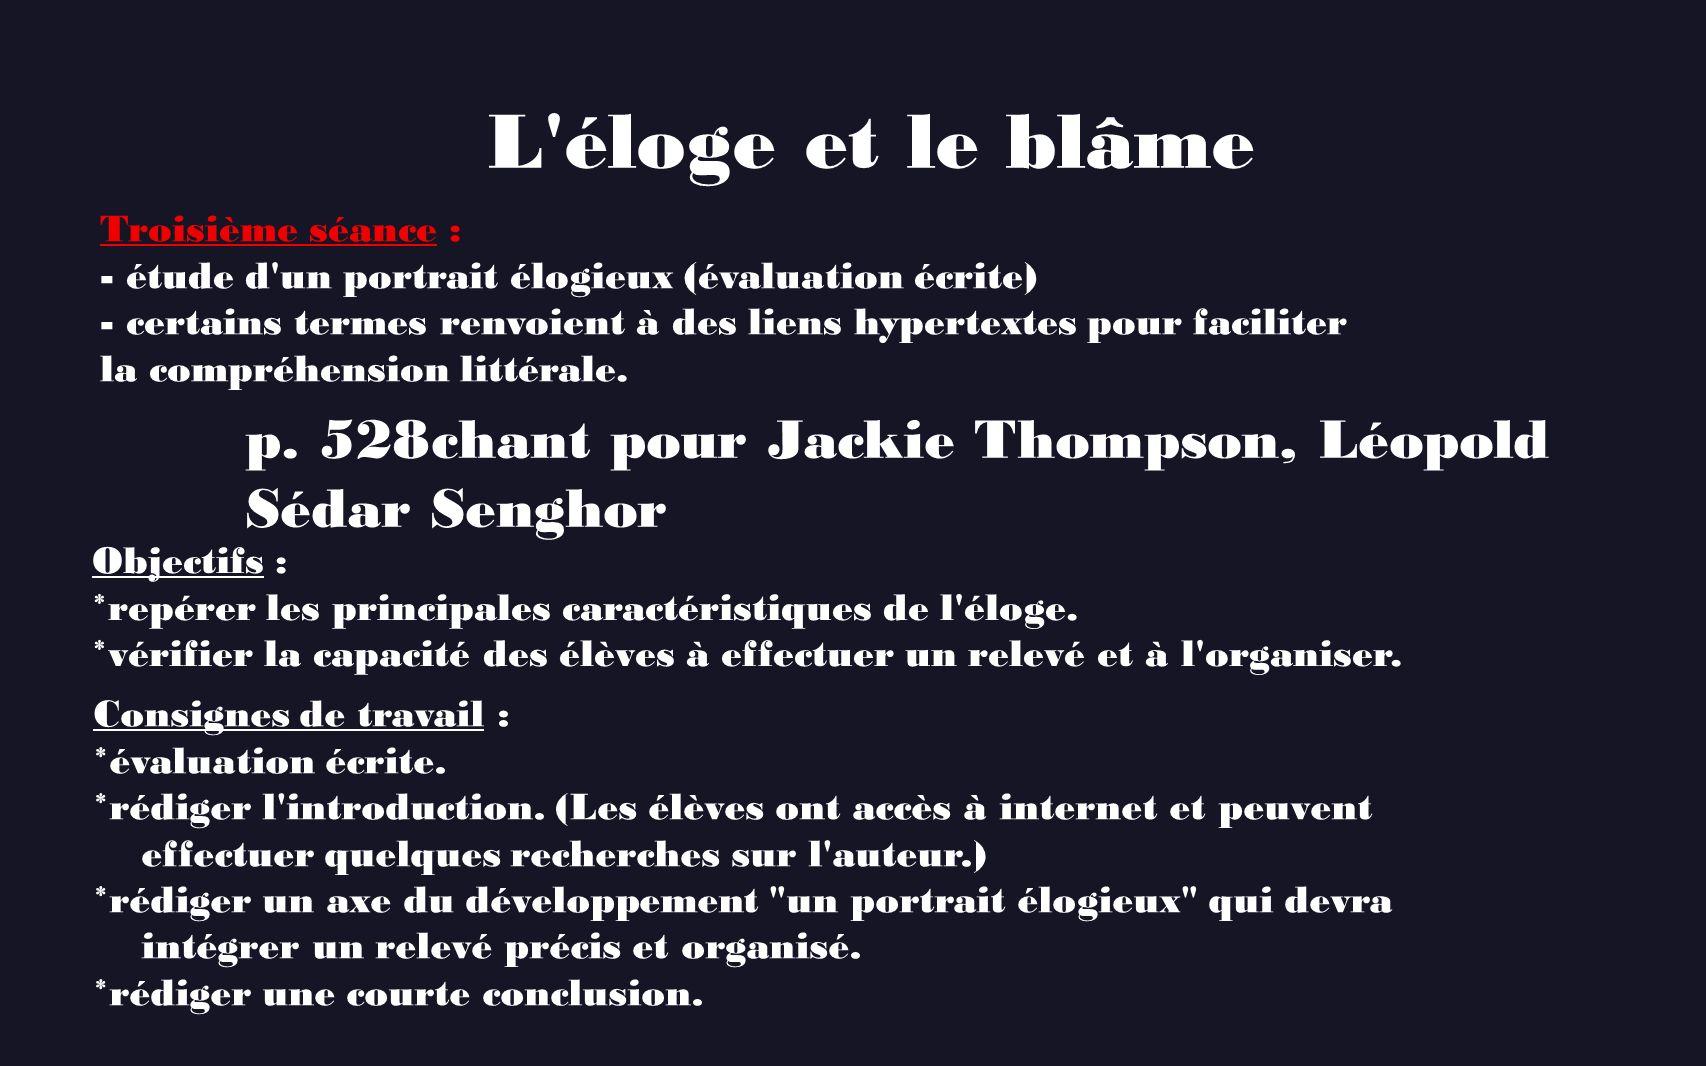 L'éloge et le blâme p. 528 chant pour Jackie Thompson, Léopold Sédar Senghor Troisième séance : - étude d'un portrait élogieux (évaluation écrite) - c